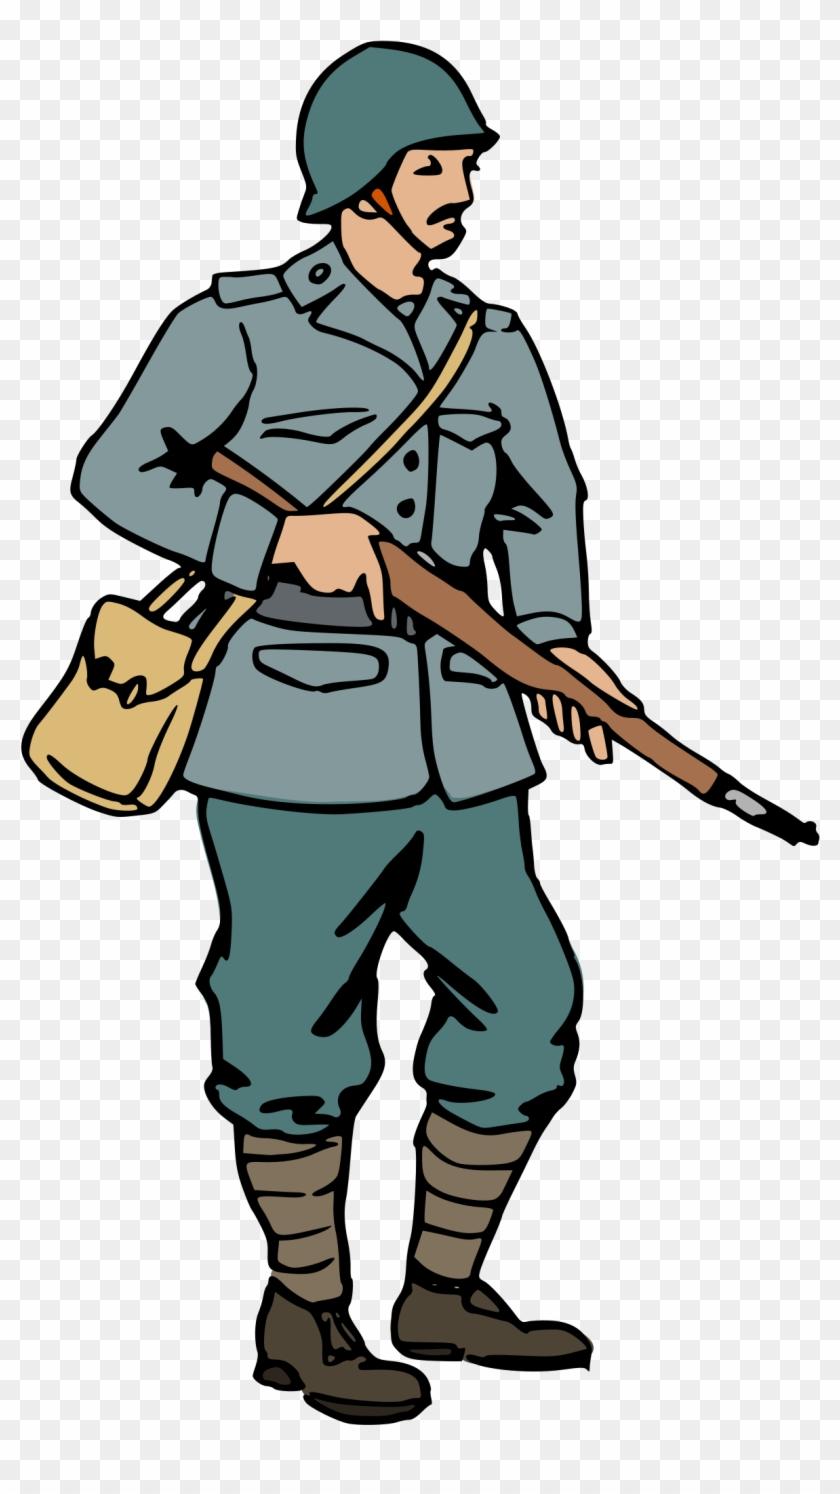 Ww2 Soldier Clipart - World War 2 Soldier Cartoon #125123